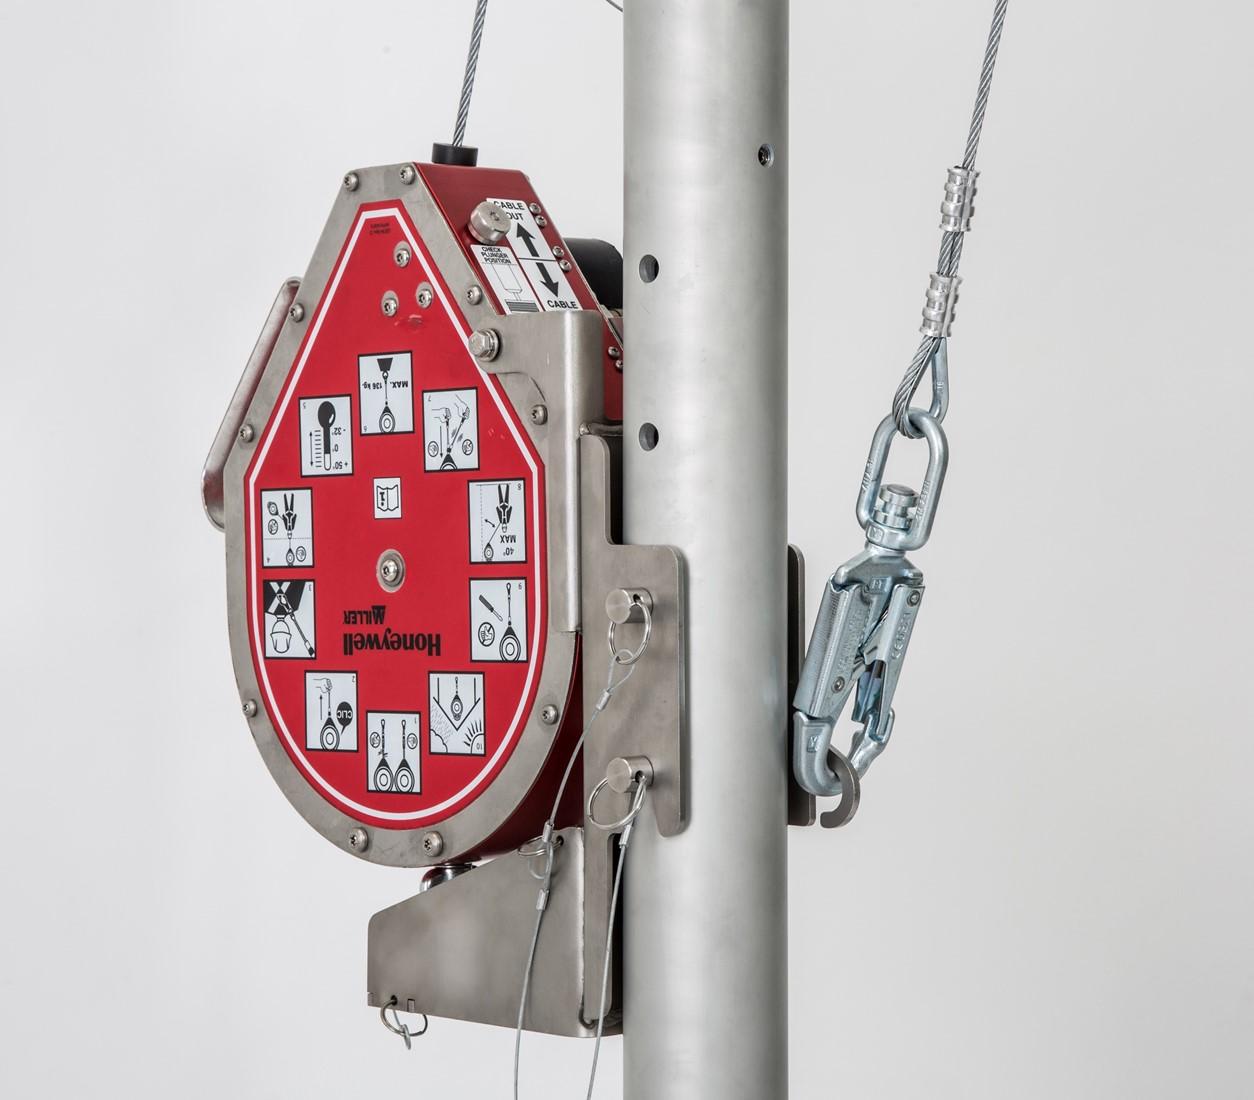 MIGHTEVAC Höhensicherungsgerät mit Rettungswinde